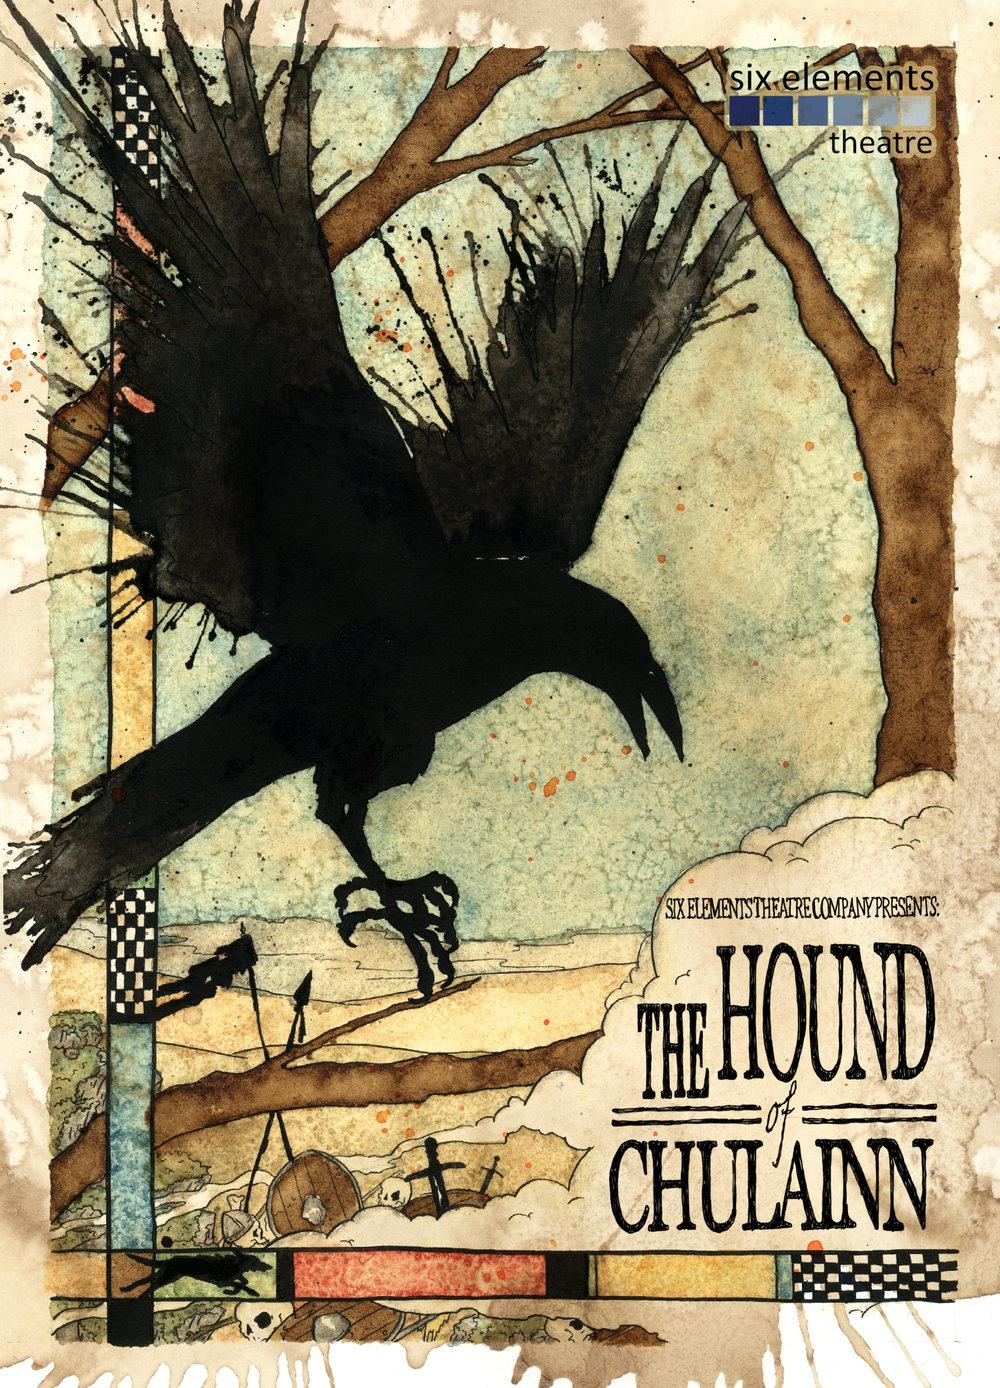 The Hound of Chulainn Postcard